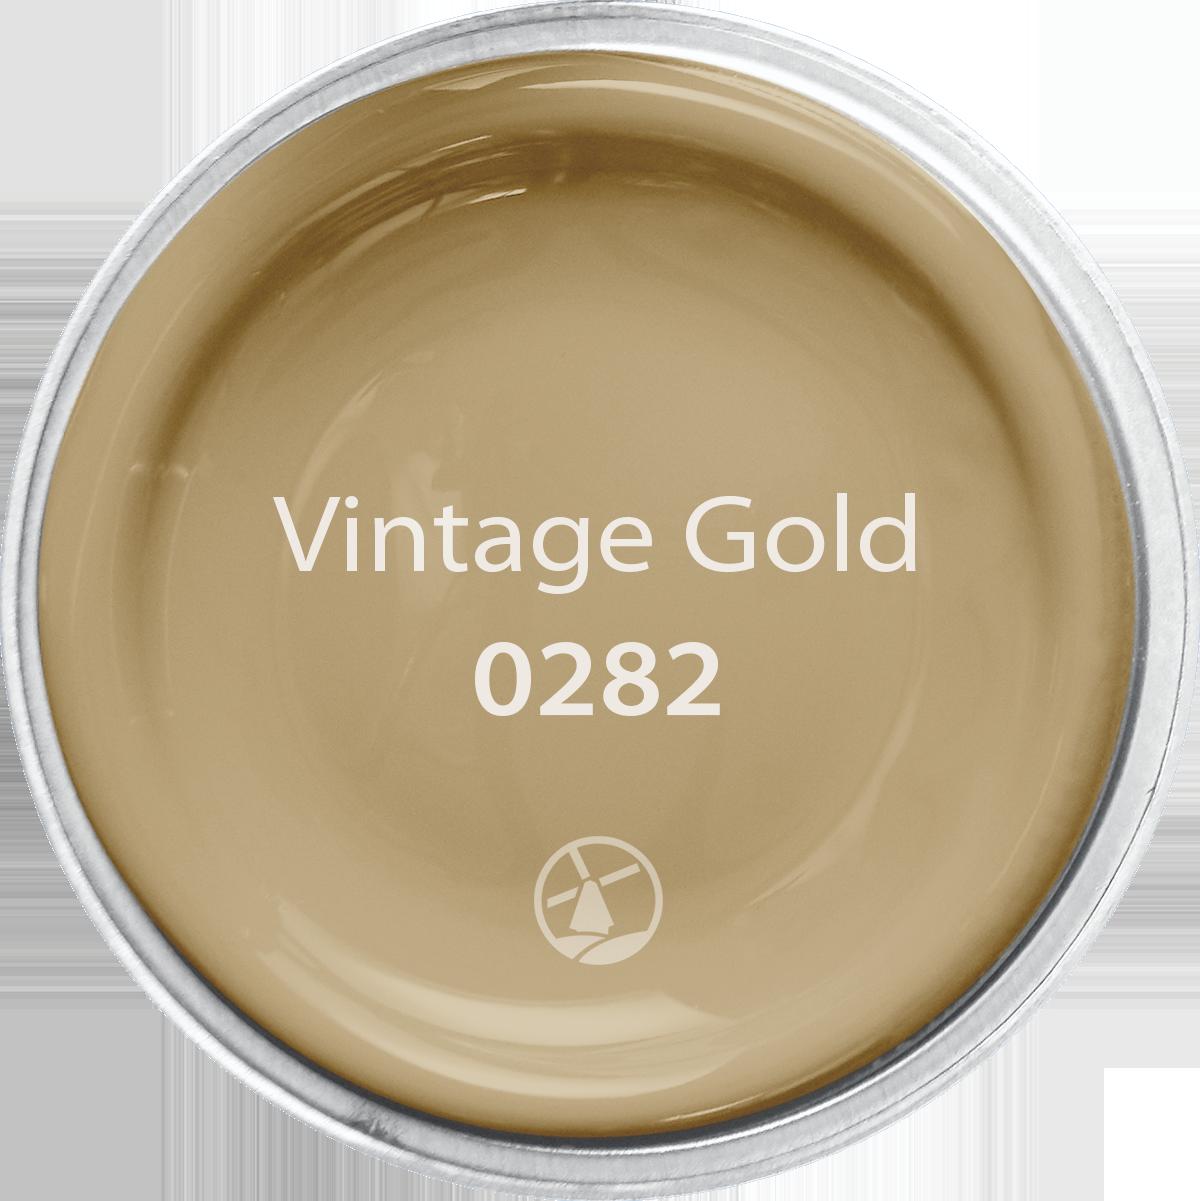 Vintage Gold 0282 Diamond Vogel Paint Paint Color Inspiration Paint Colors For Home Office Paint Colors